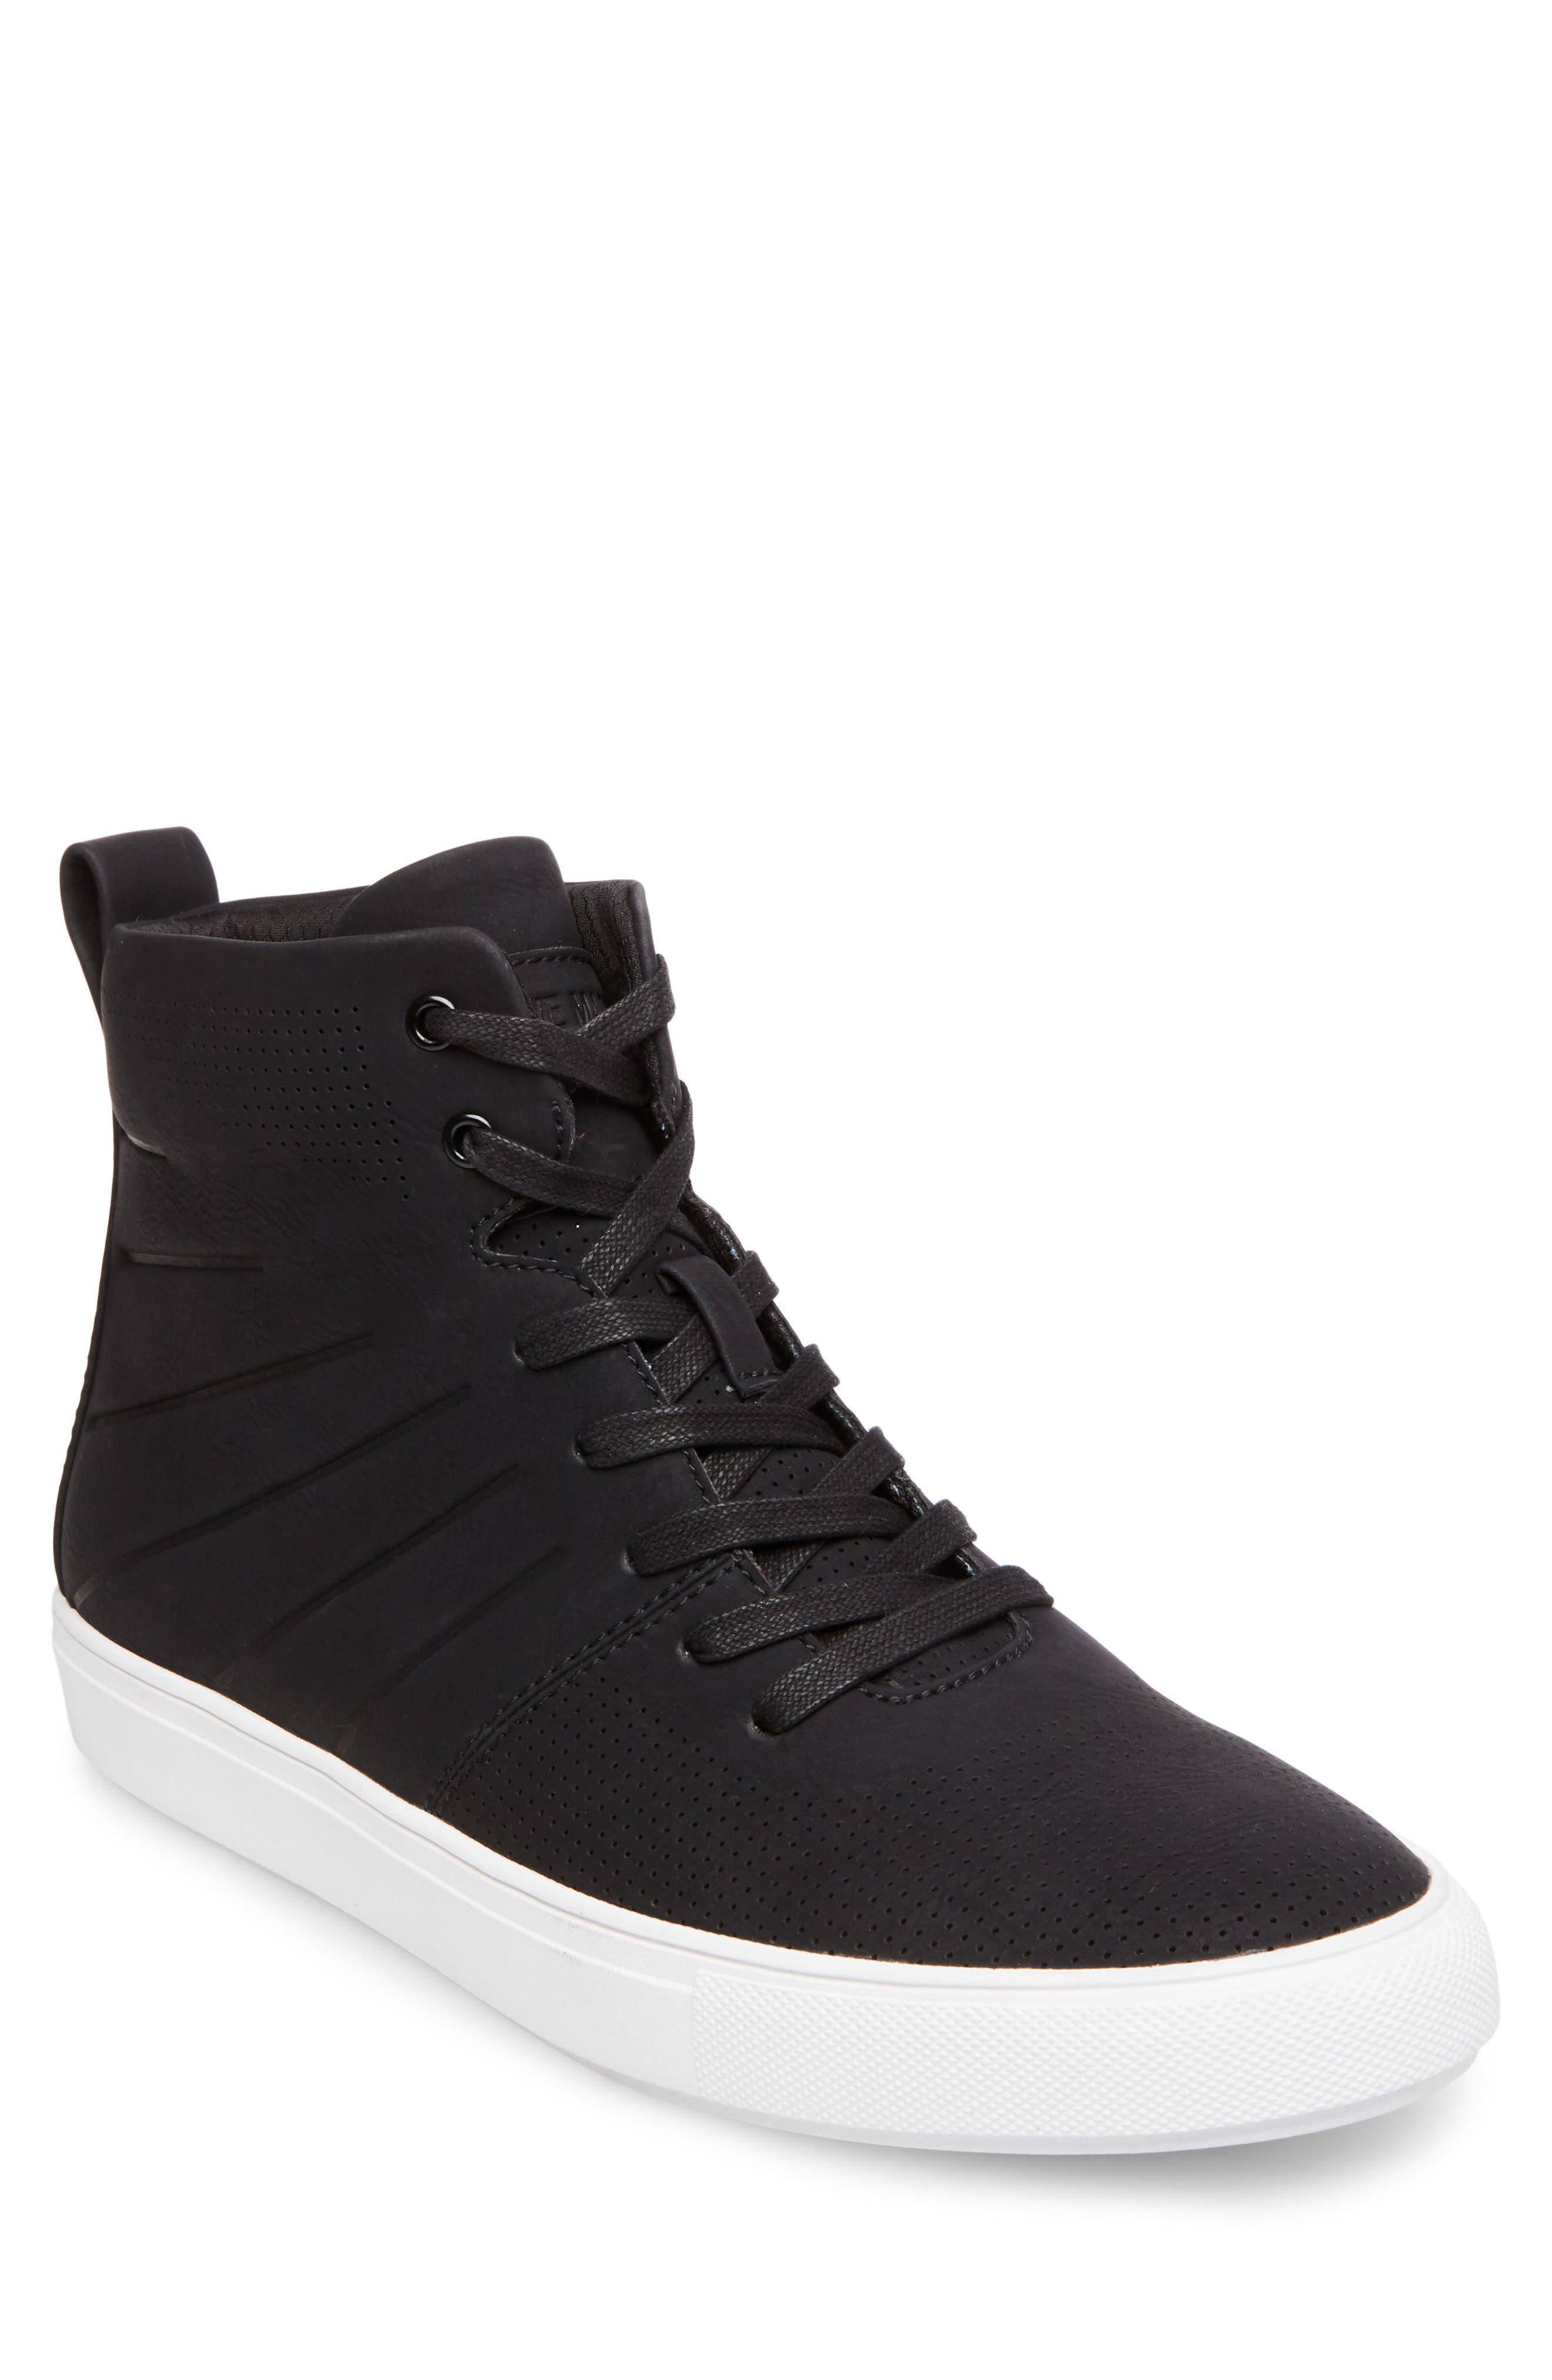 b0e27081f5f Steve Madden Eskape Sneaker In Black